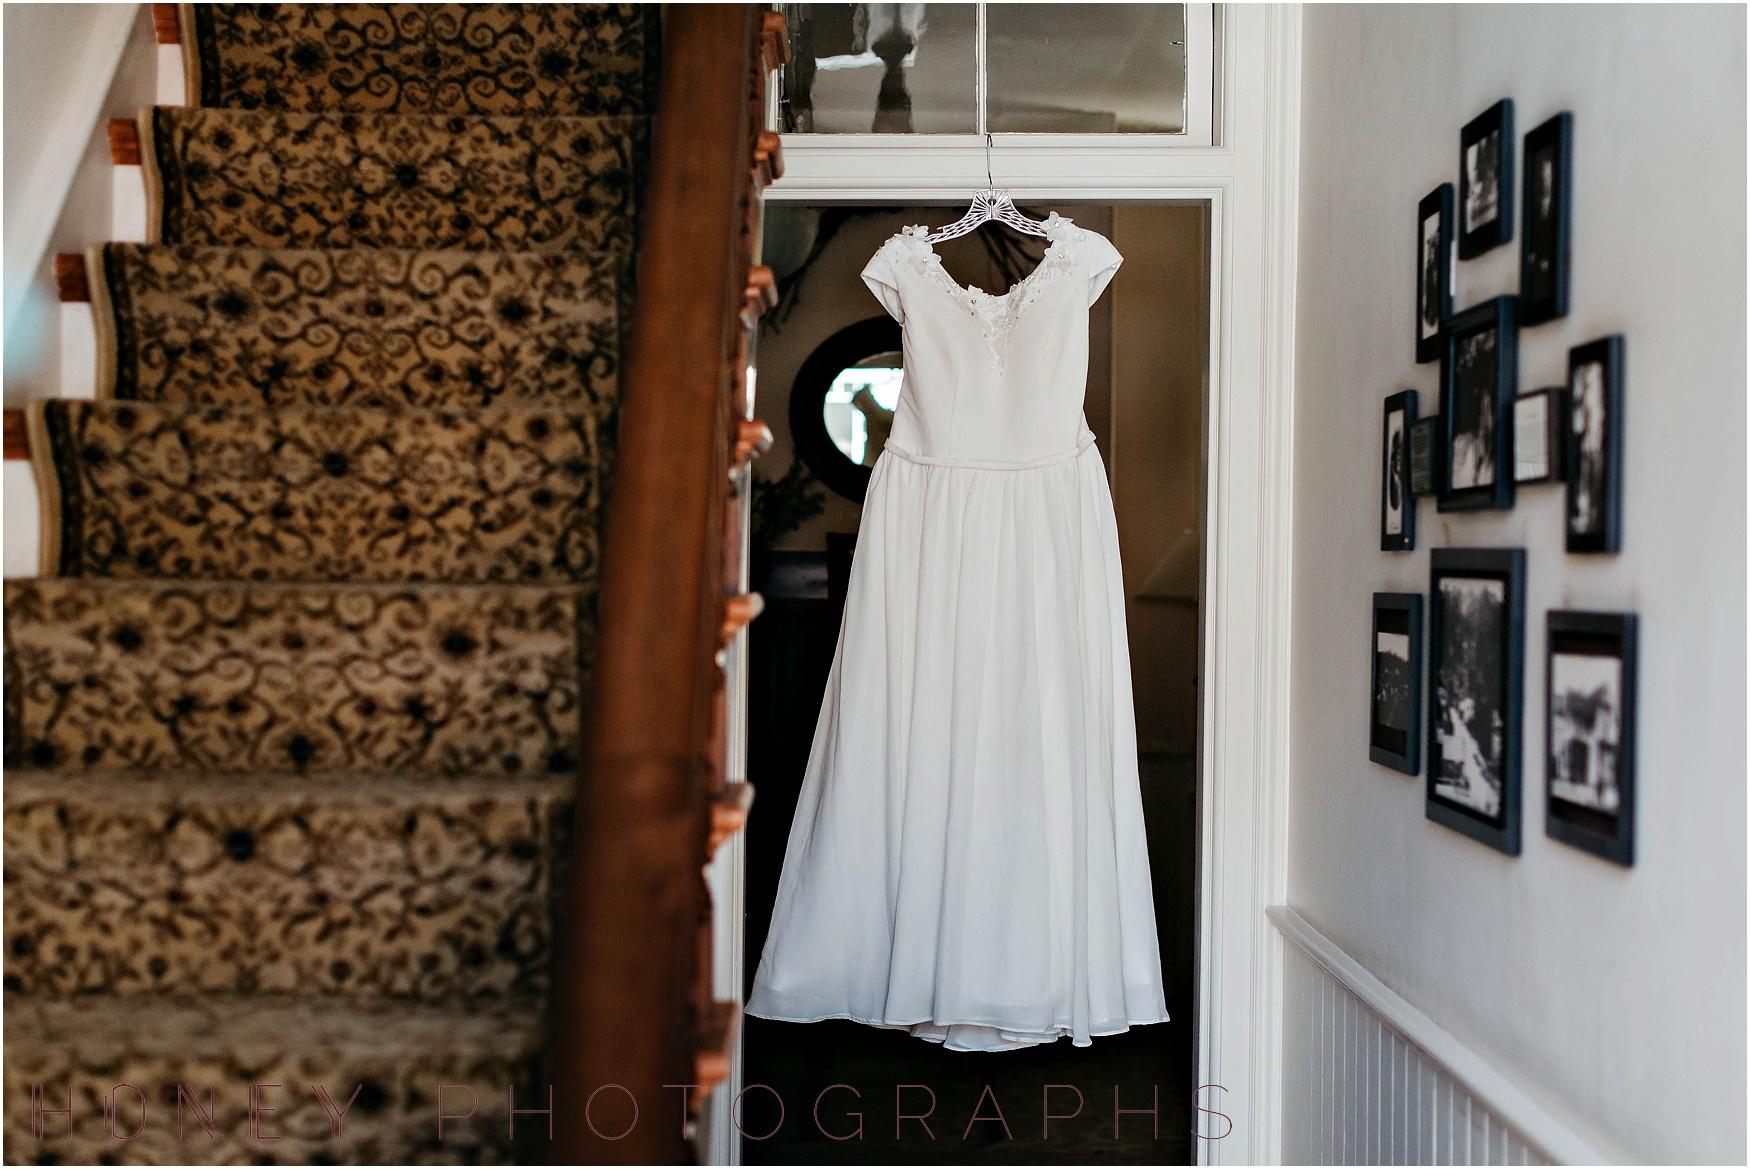 cambria-san-lois-obispo-wedding-garden-intimate08.jpg